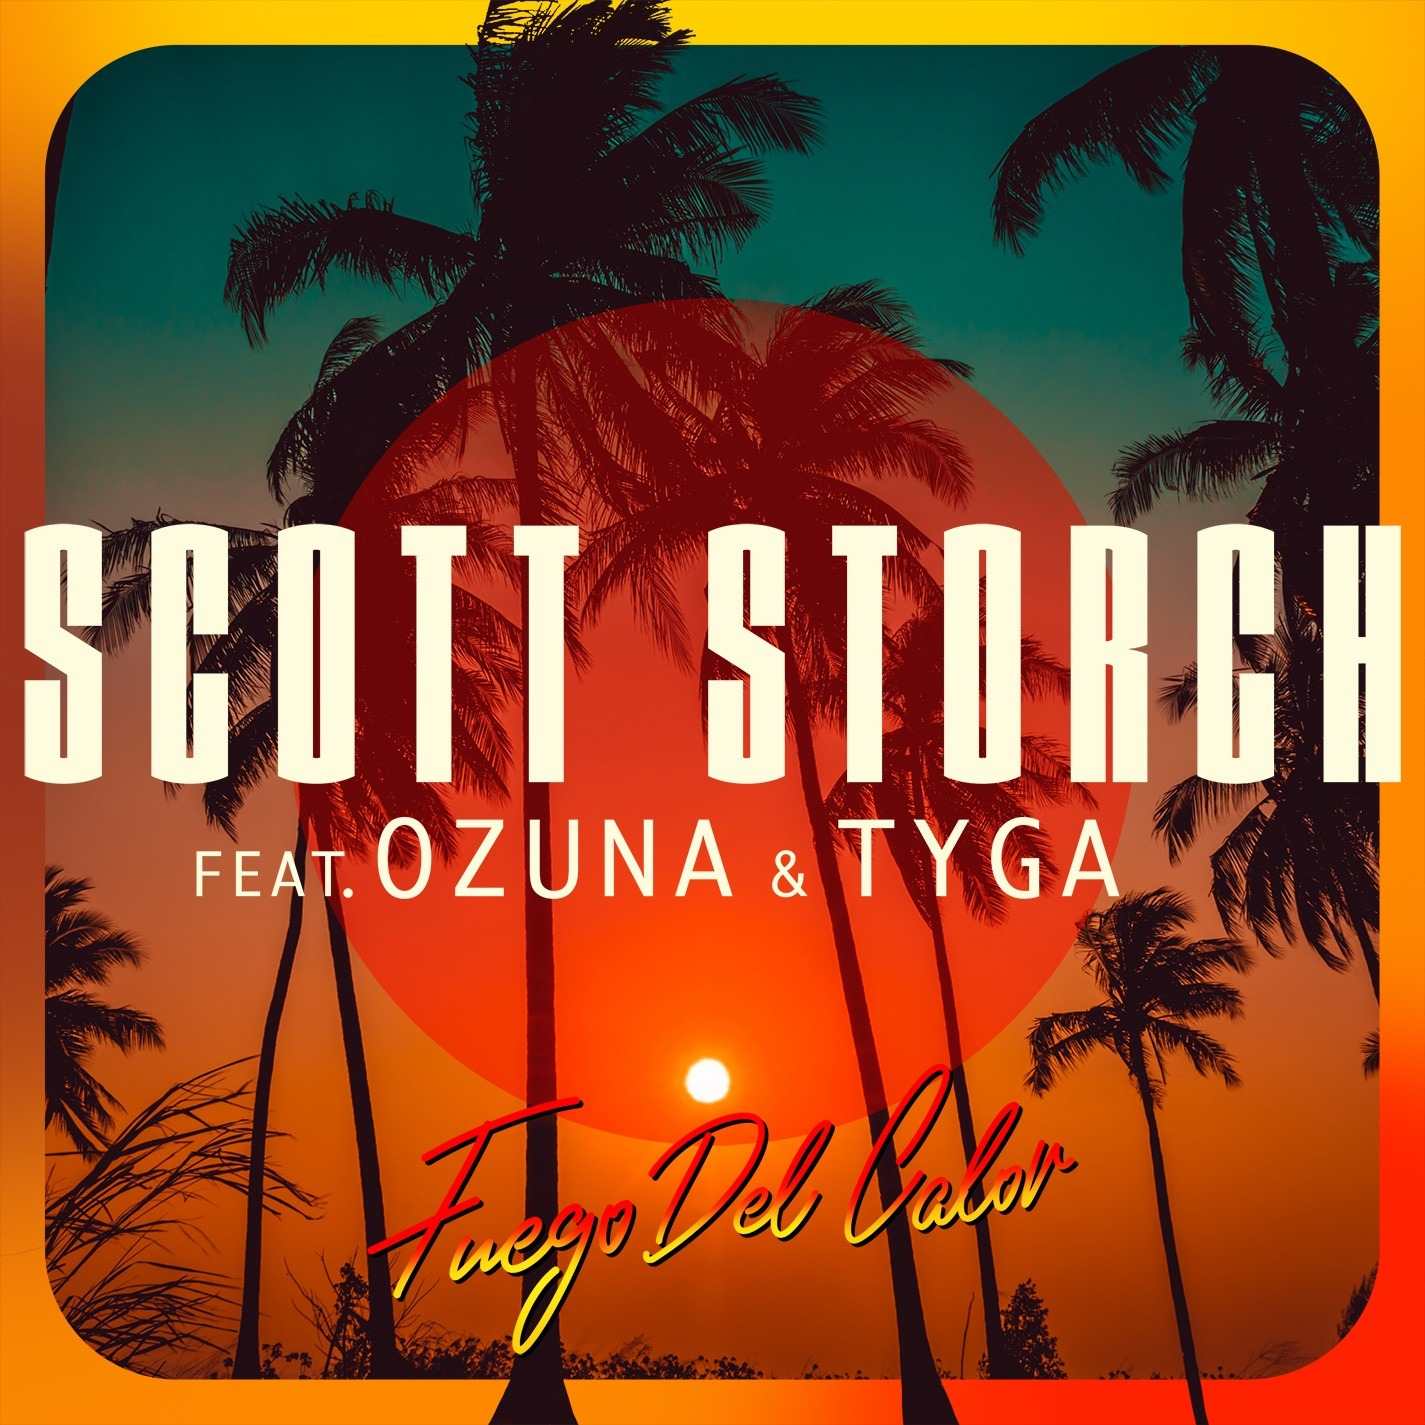 Scott Storch feat. Ozuna & Tyga – Fuego Del Calor